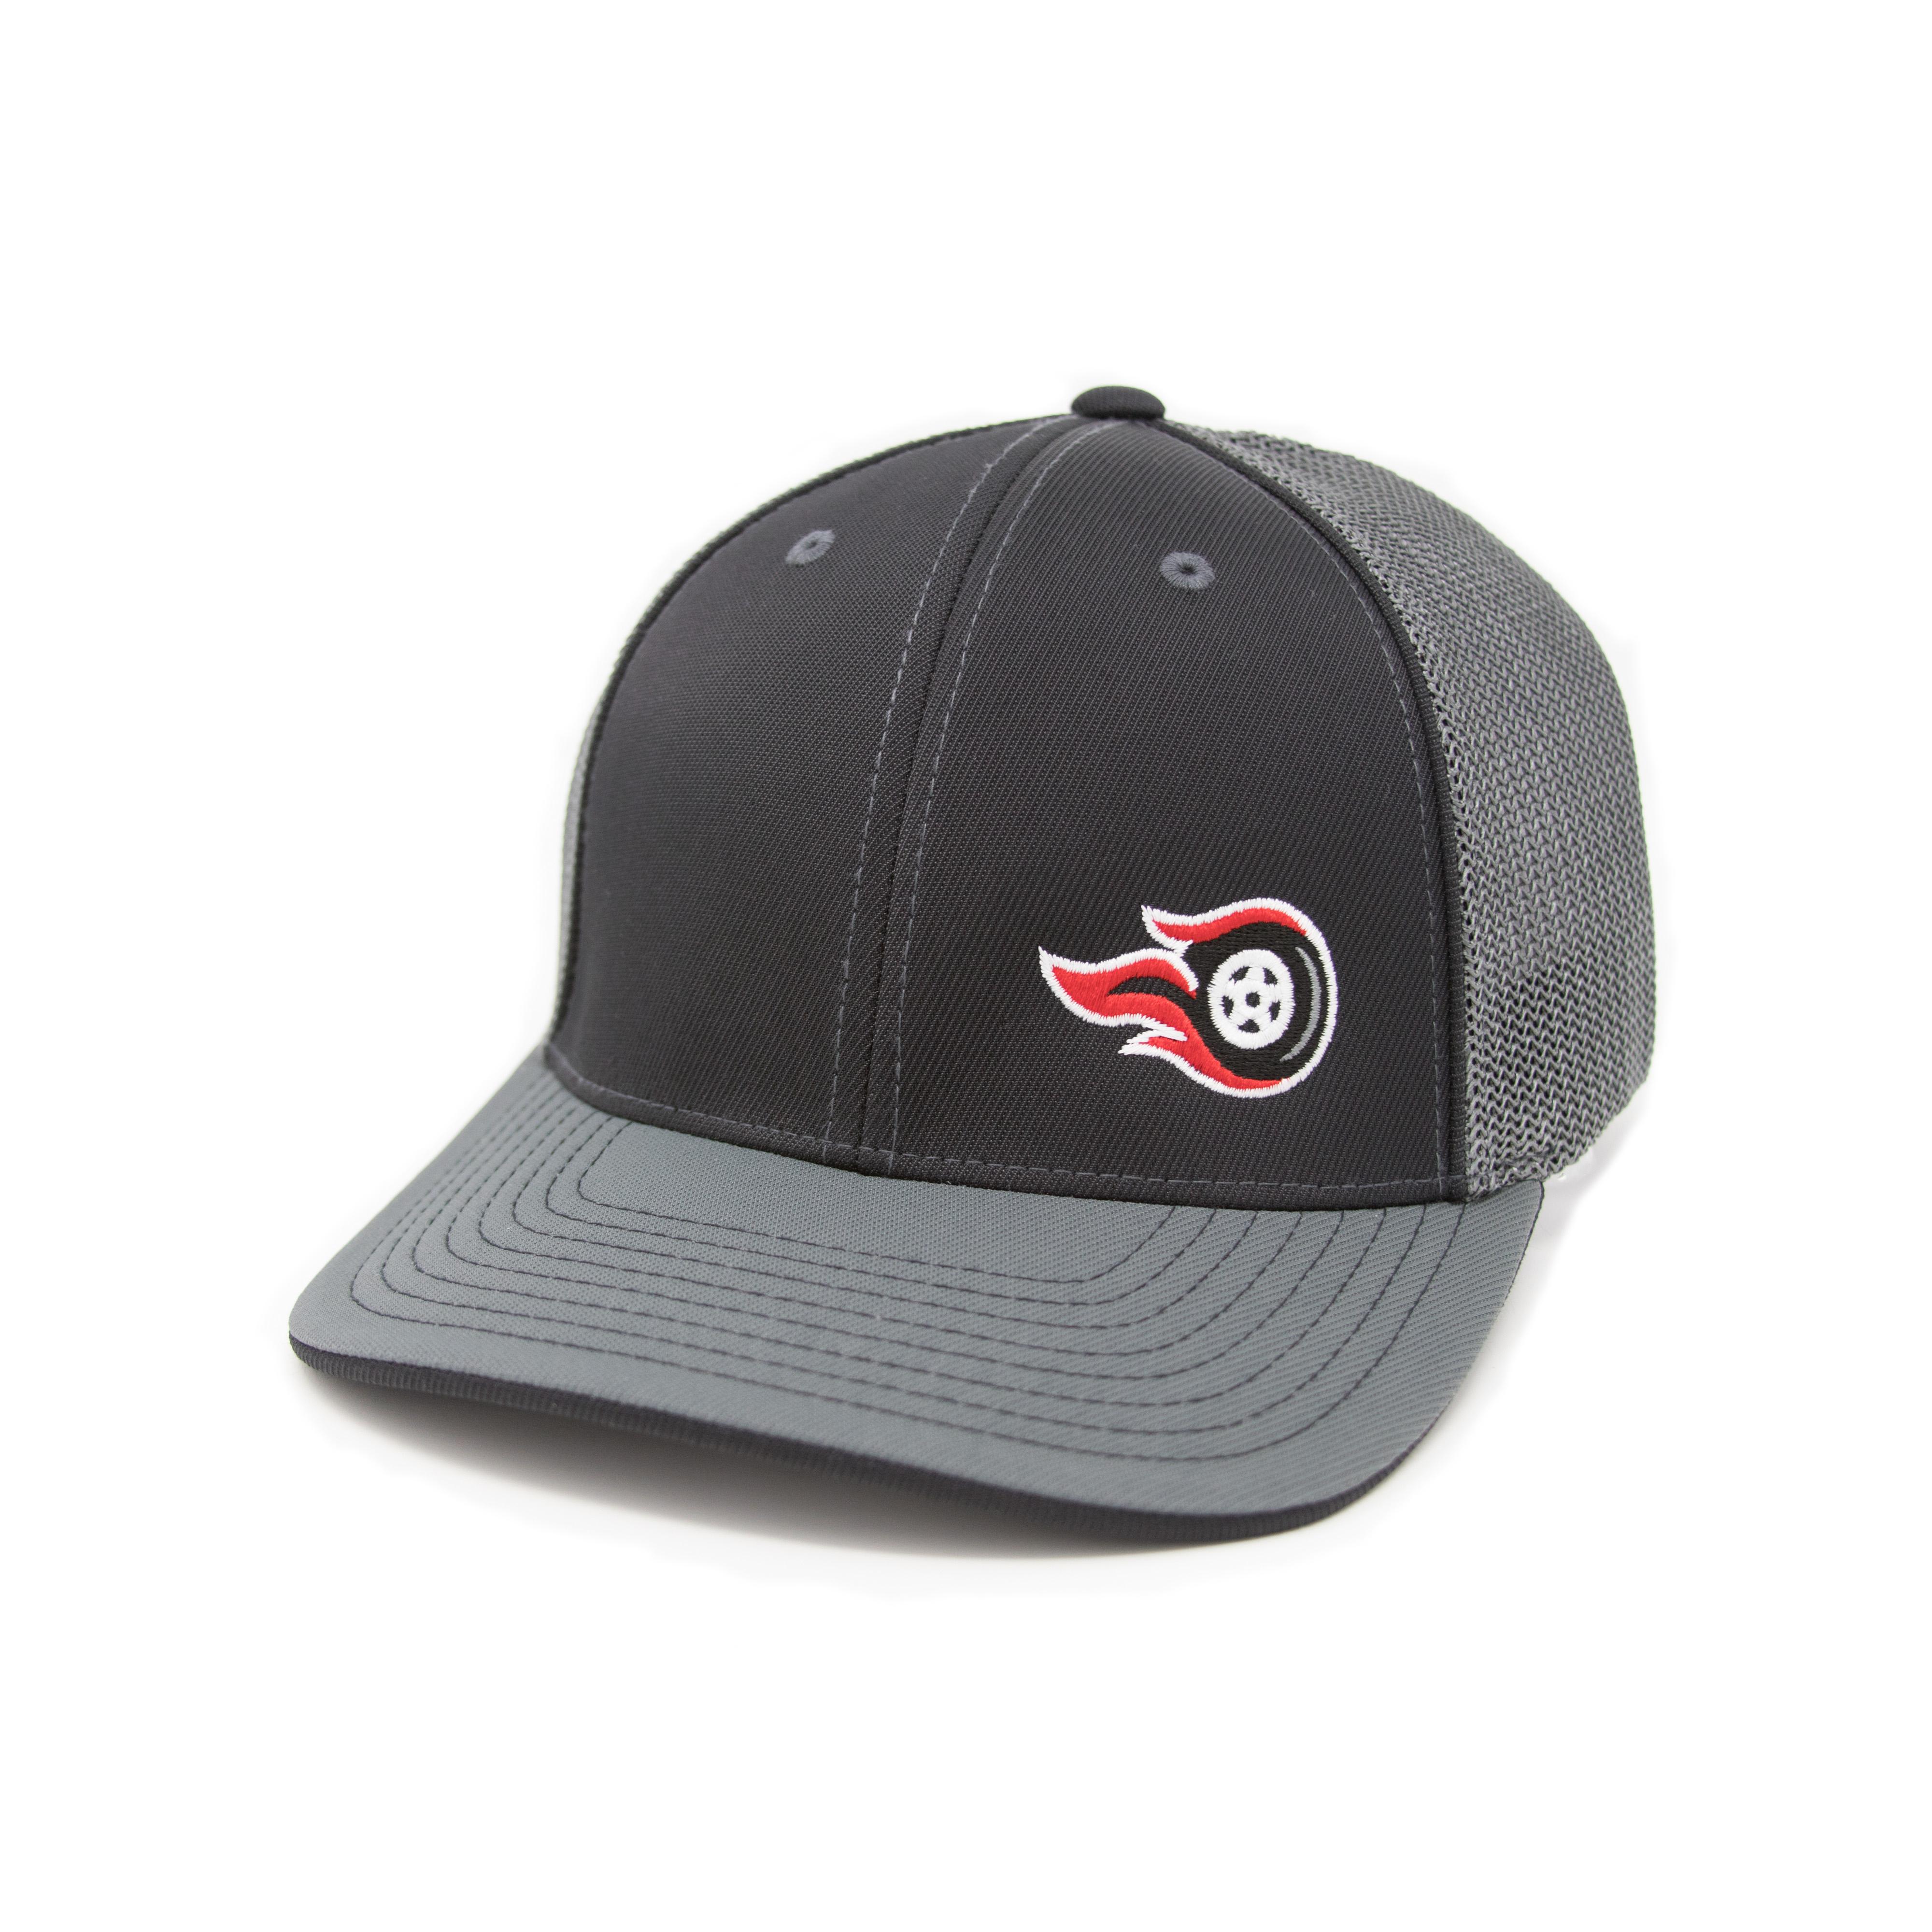 Fireball Camaro Trucker Hat - Get Exclusive Fireball Merchandise a20673c0d7e